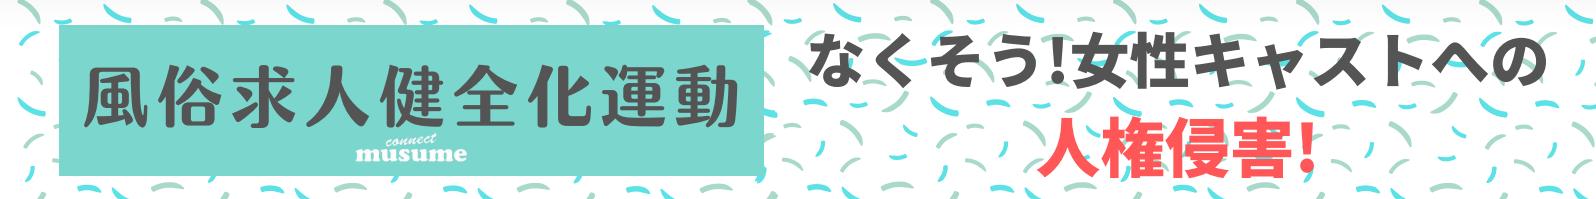 風俗求人健全化運動【ムスメコネクト】